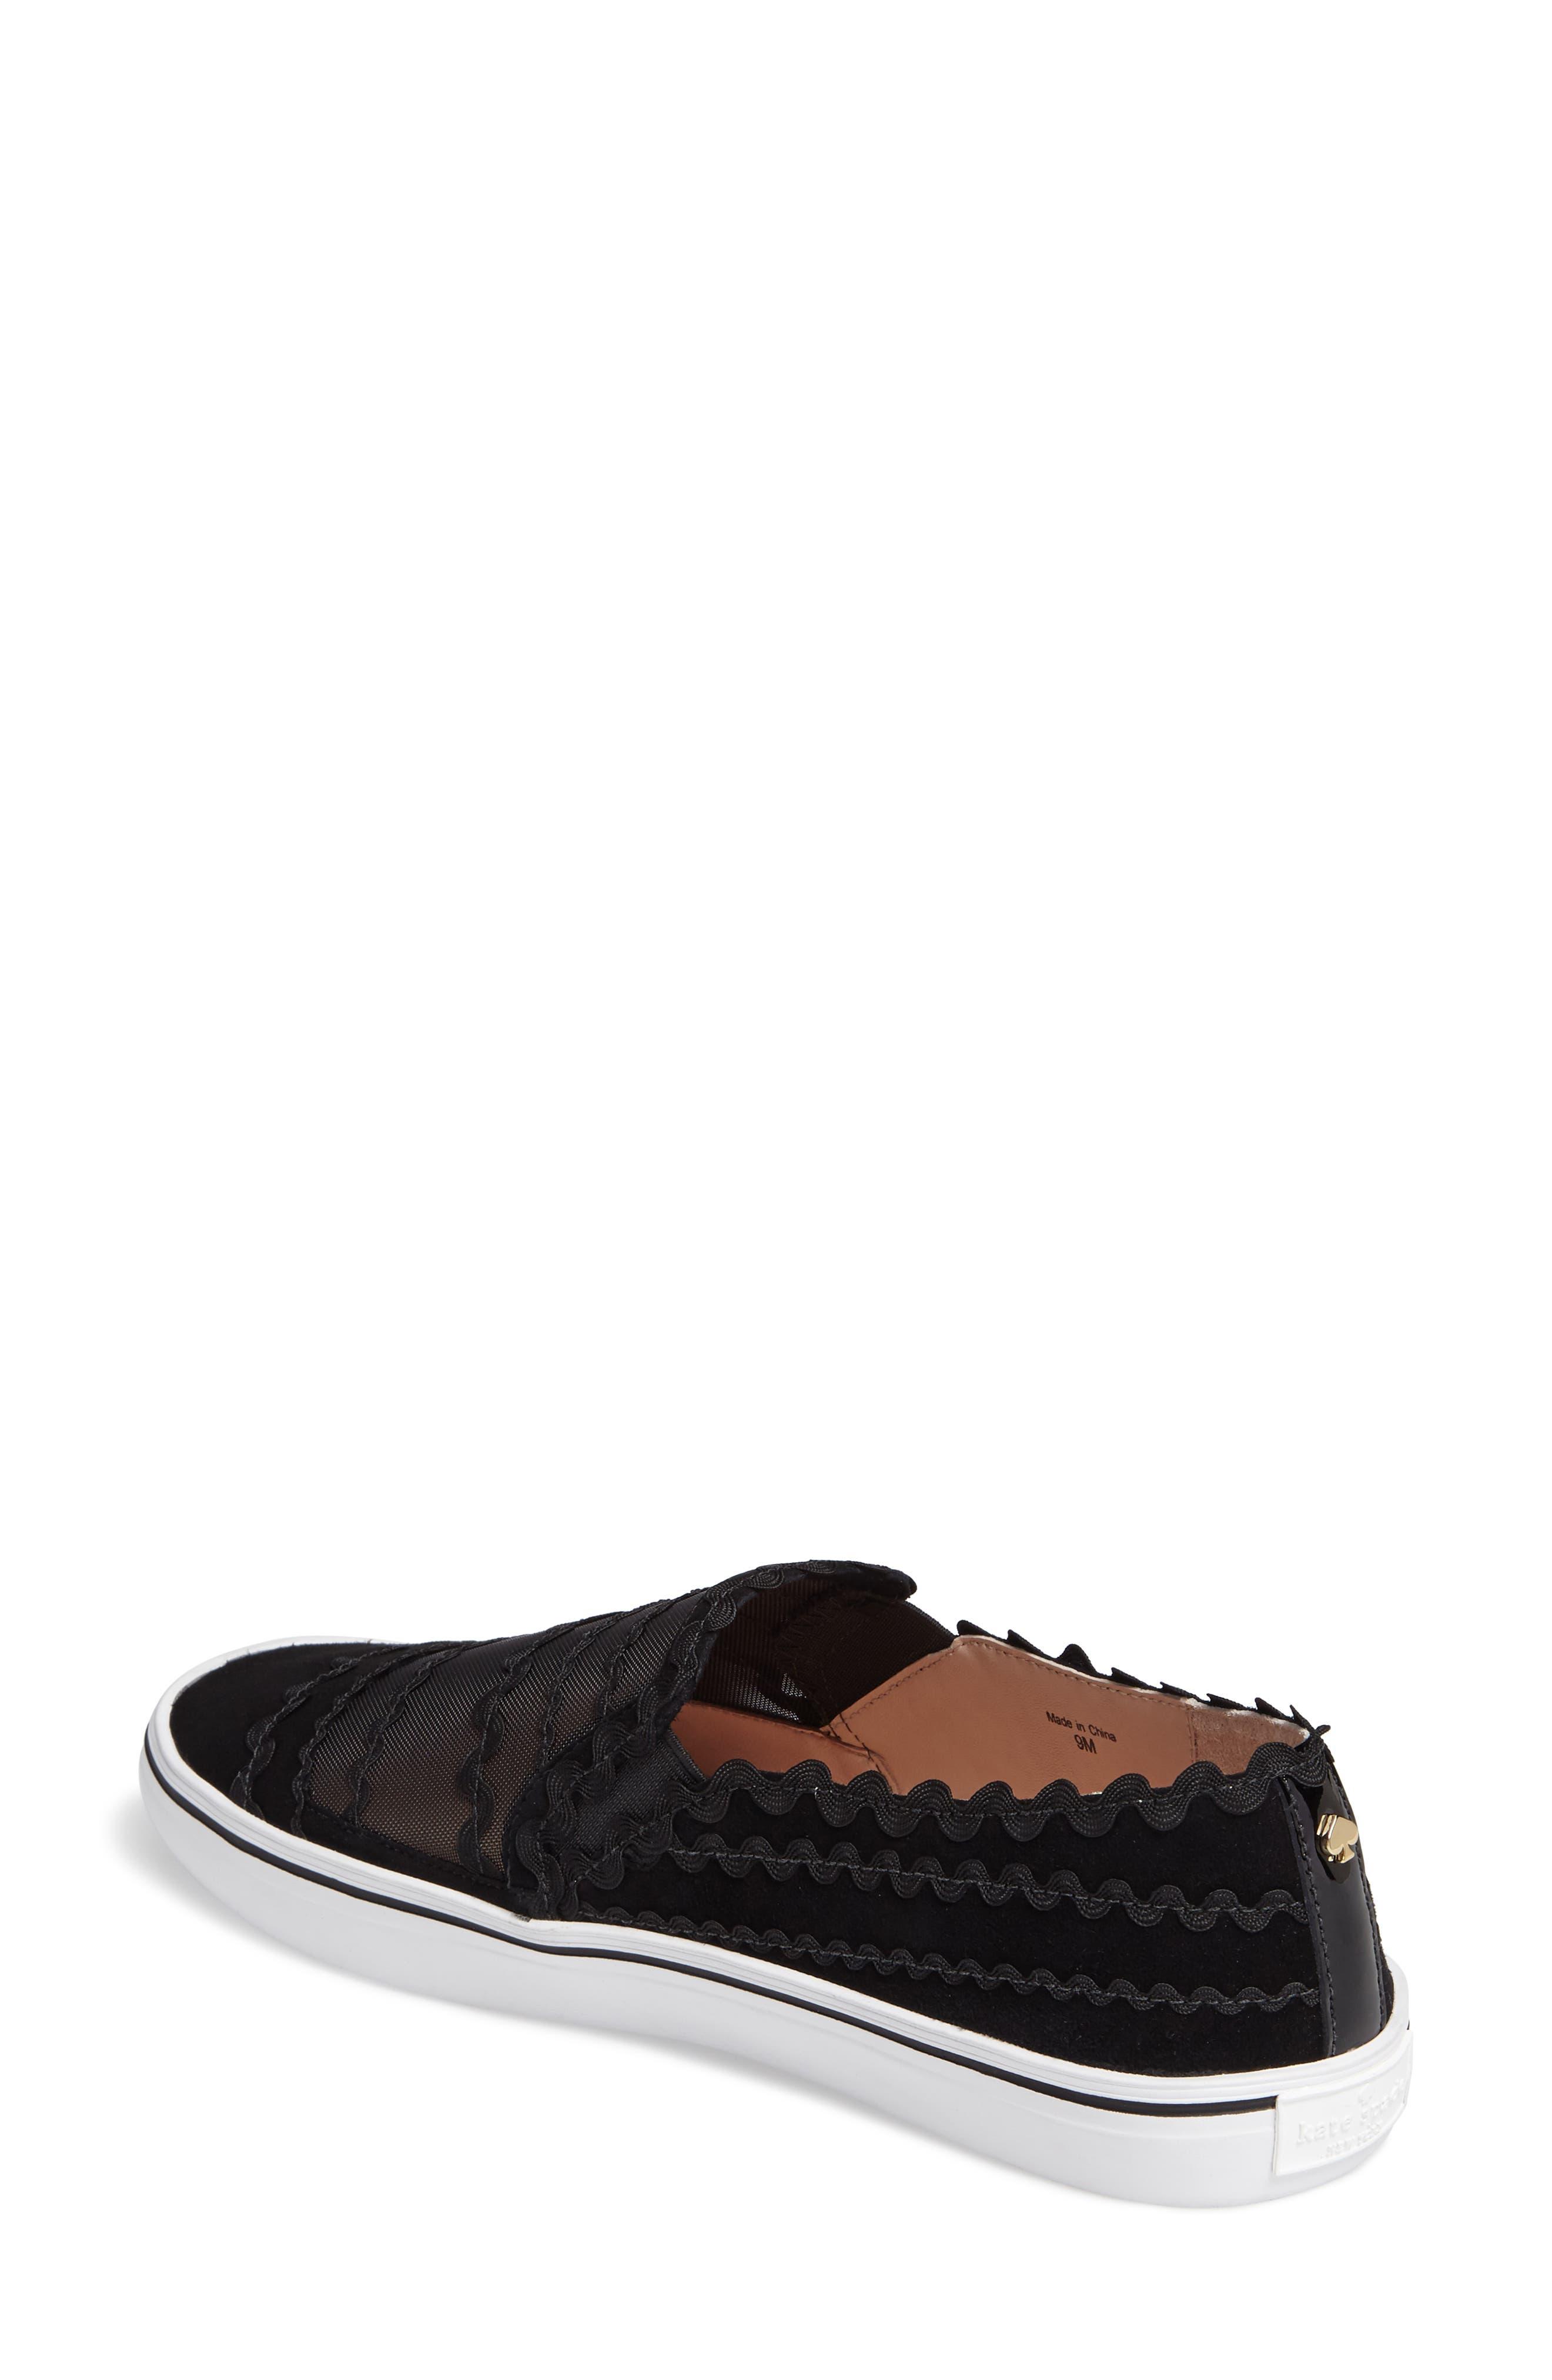 senza slip-on sneaker,                             Alternate thumbnail 2, color,                             001